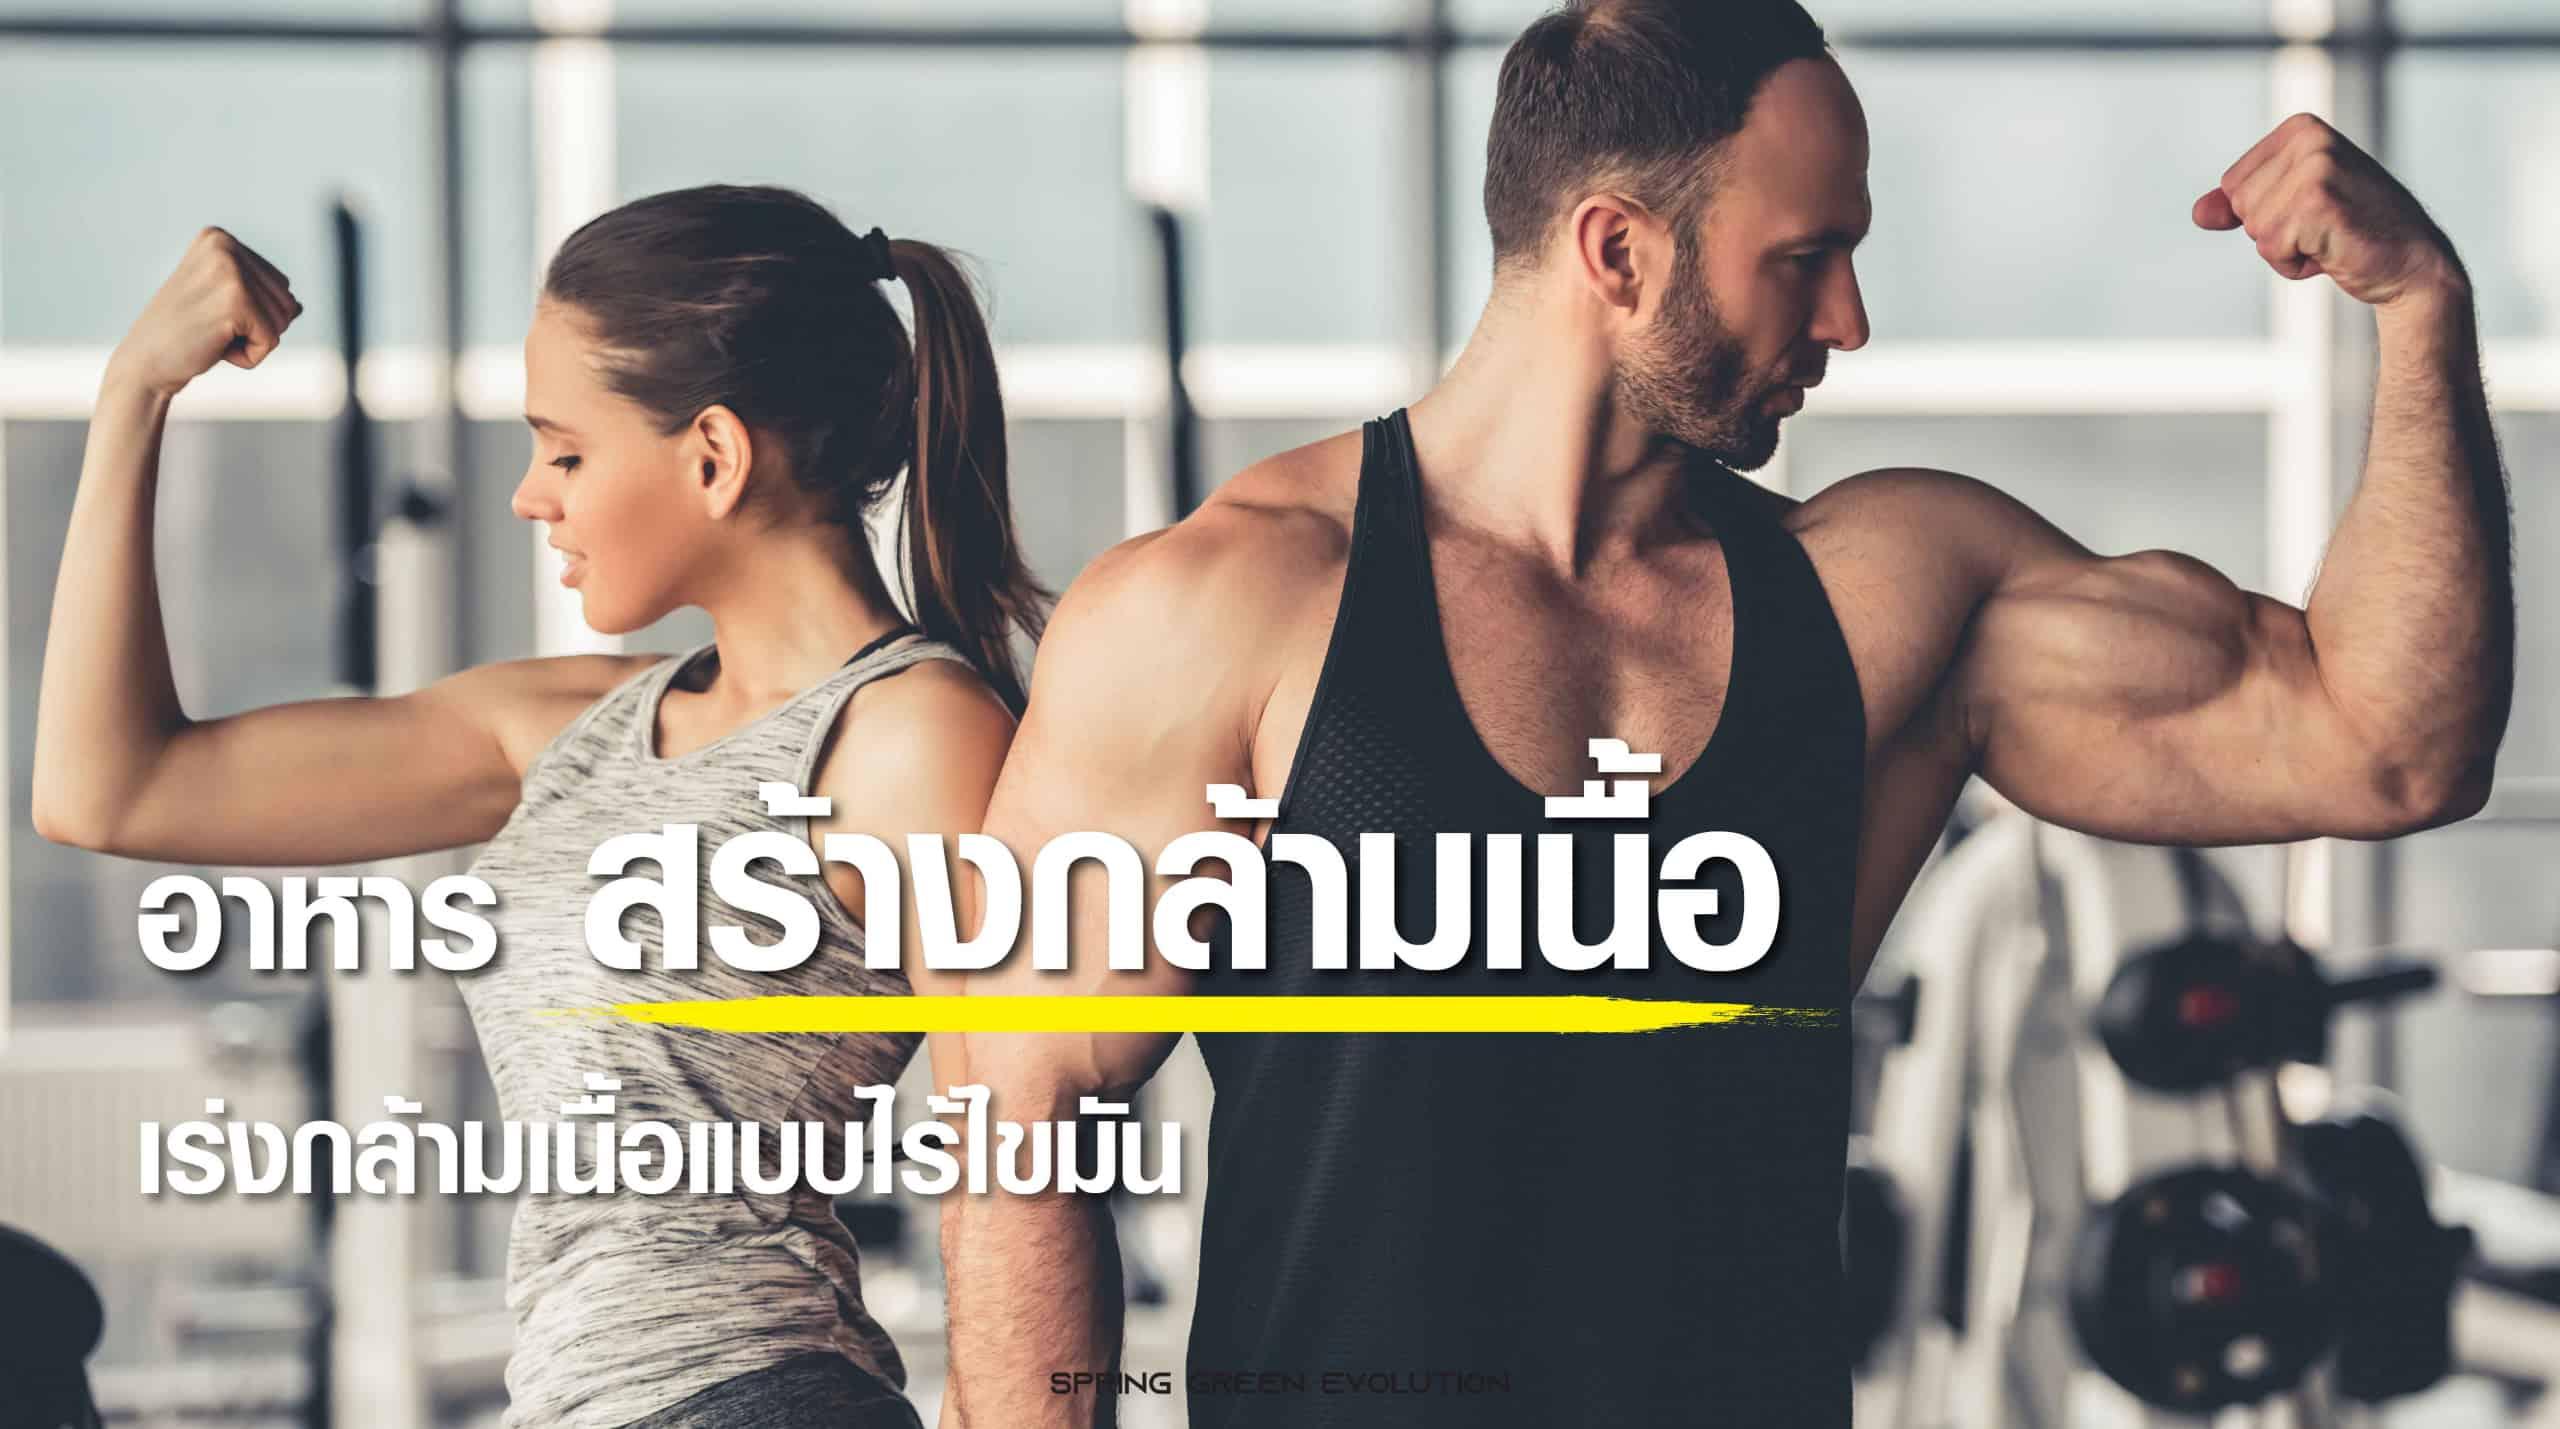 201121-Content-อาหารสร้างกล้ามเนื้อ-วิธีลีนกล้ามเนื้อแบบไร้ไขมัน-01